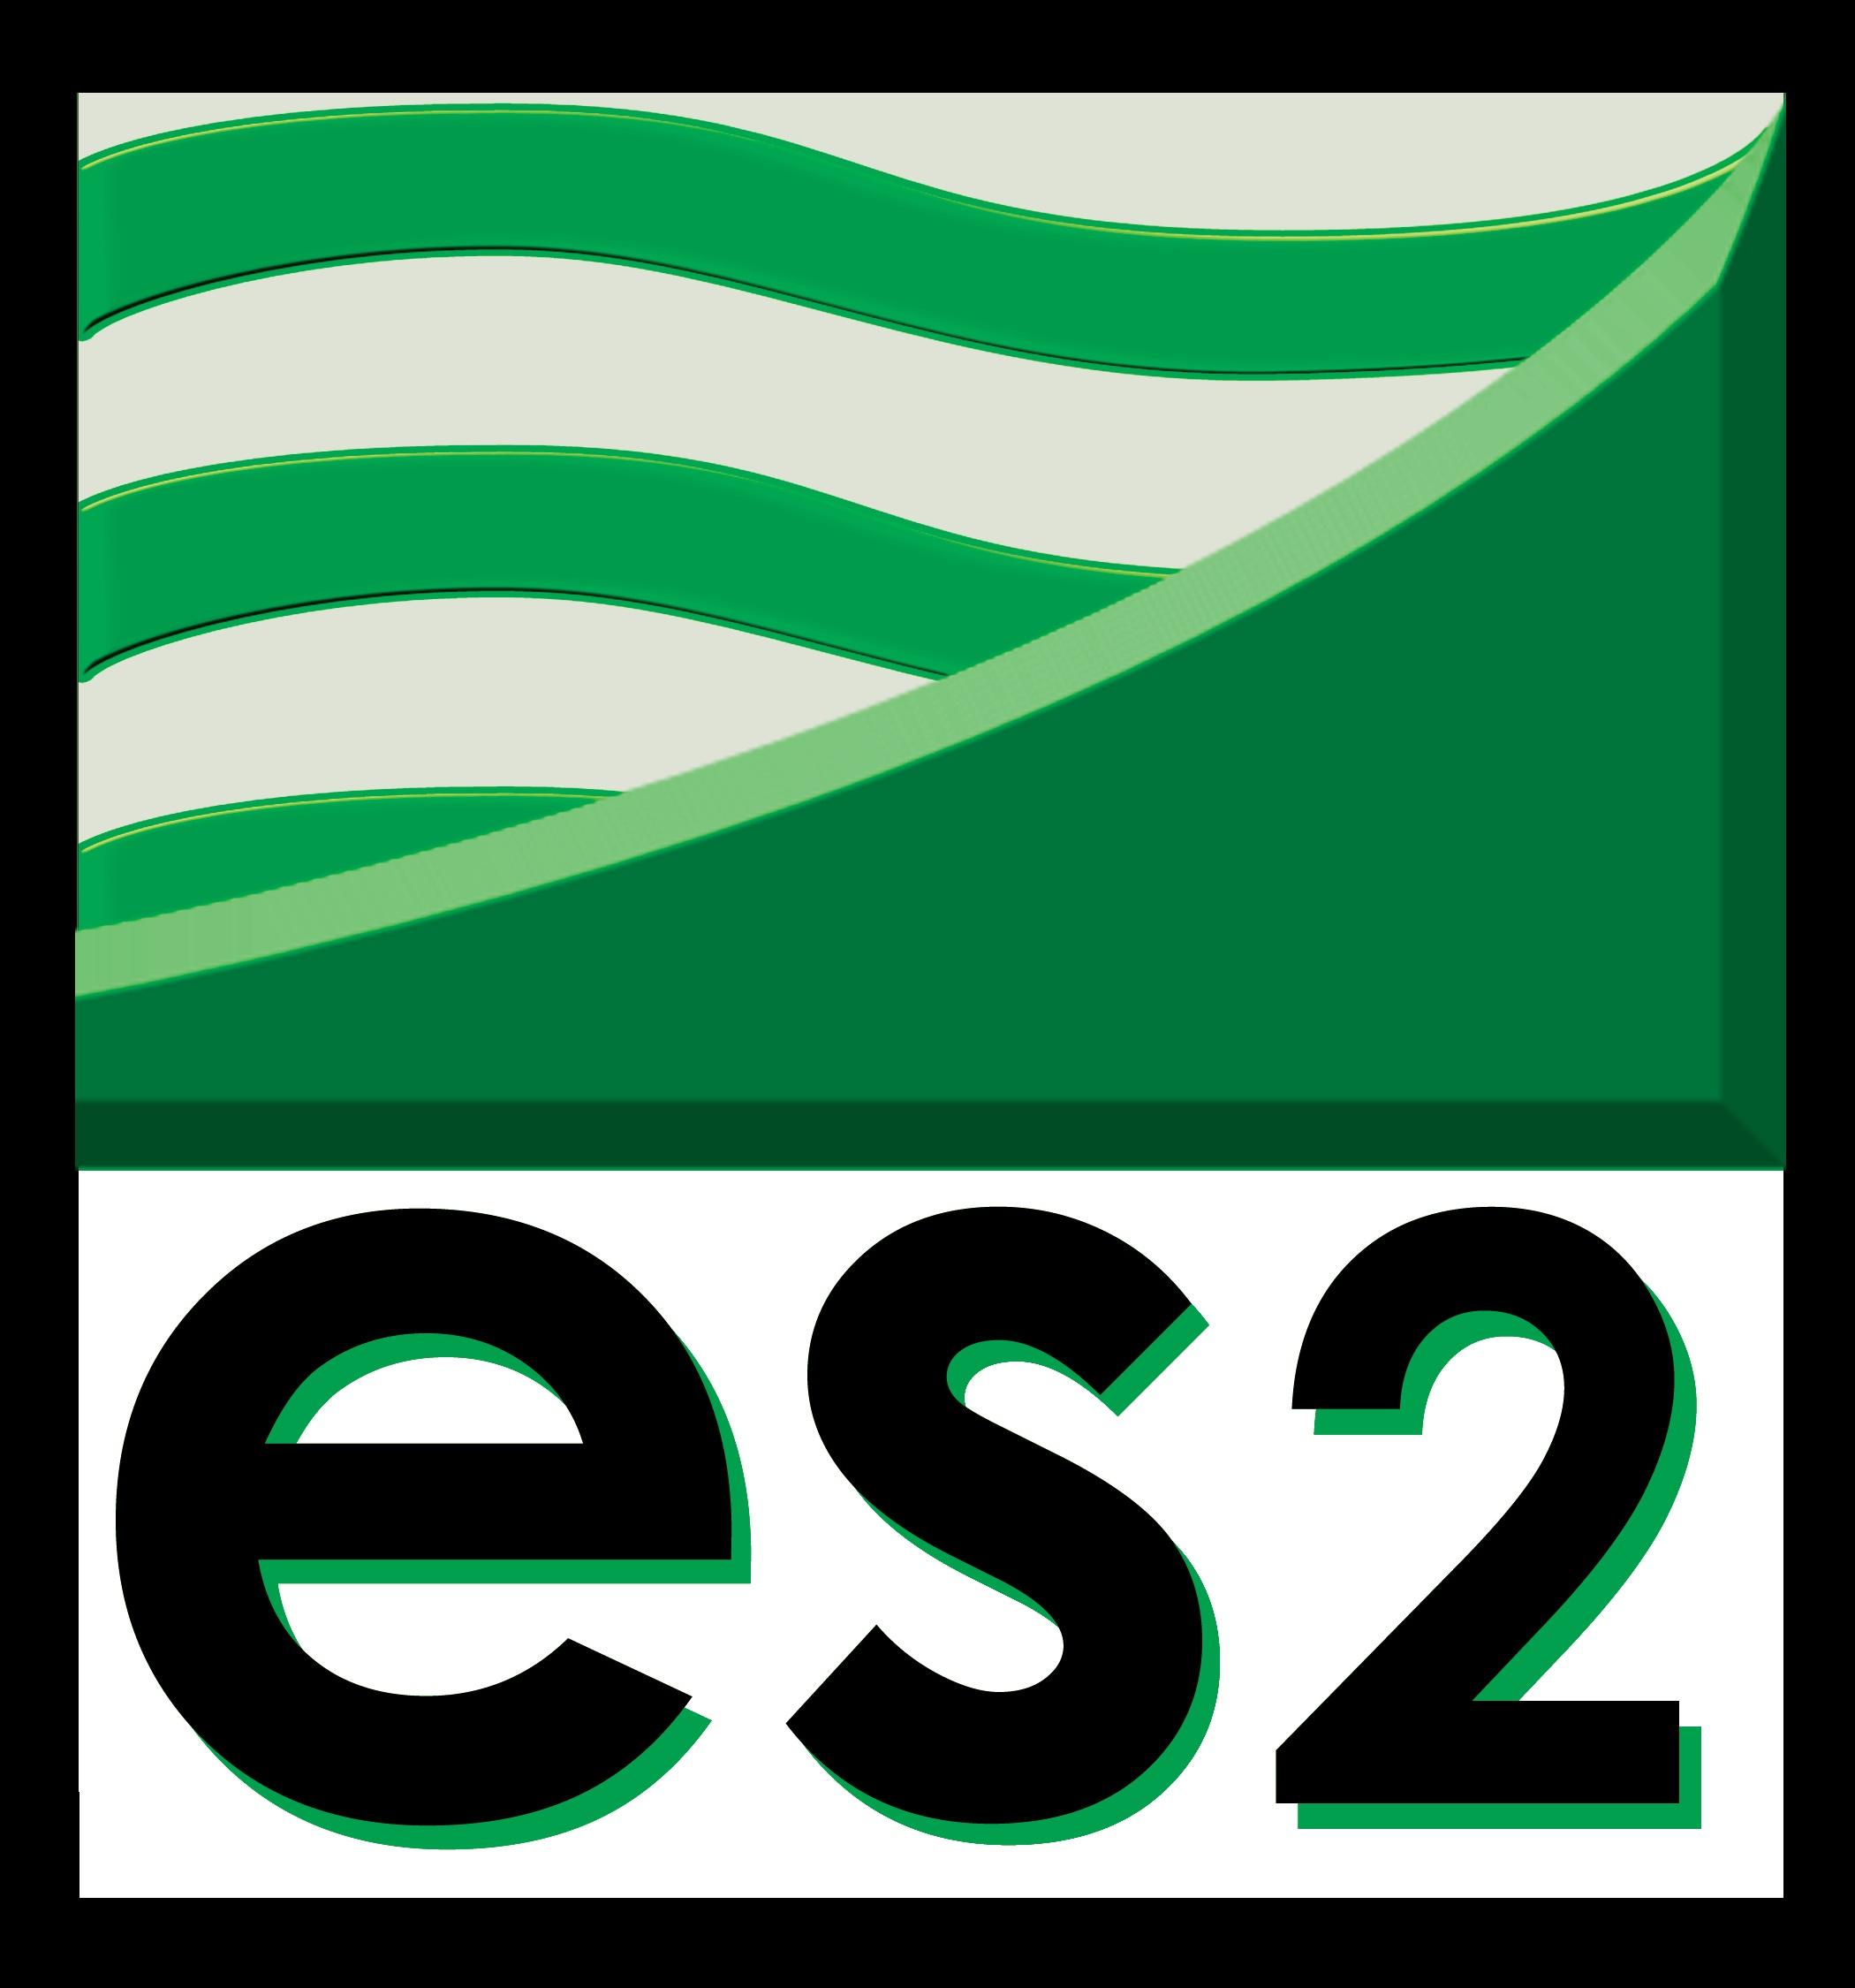 ES2 Sponsorship